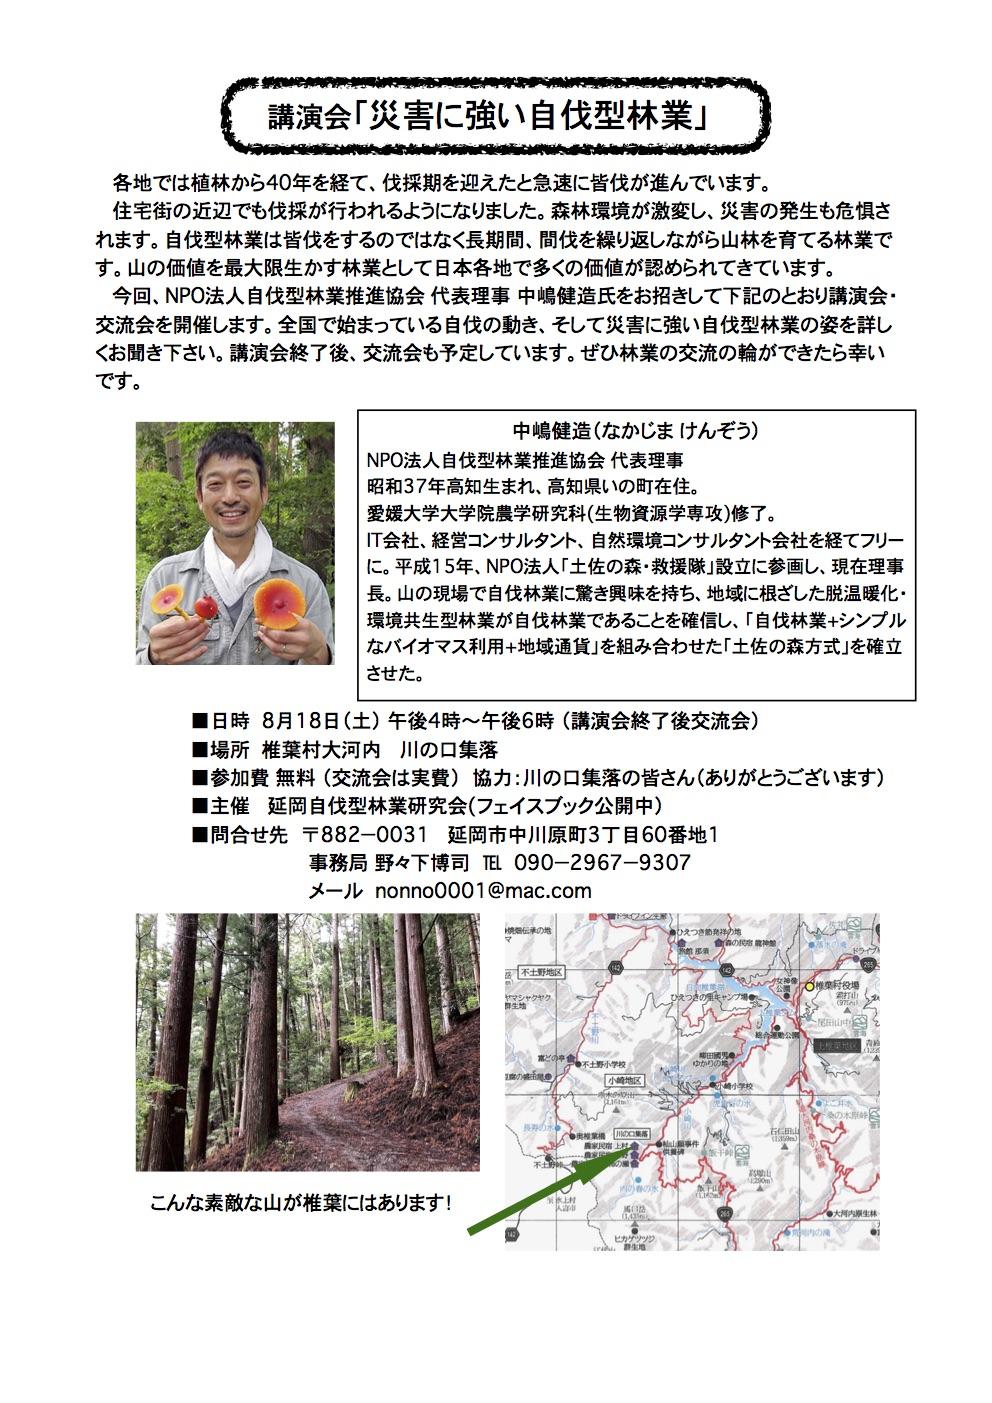 8月18日に宮崎県で講演会「災害に強い自伐型林業」」